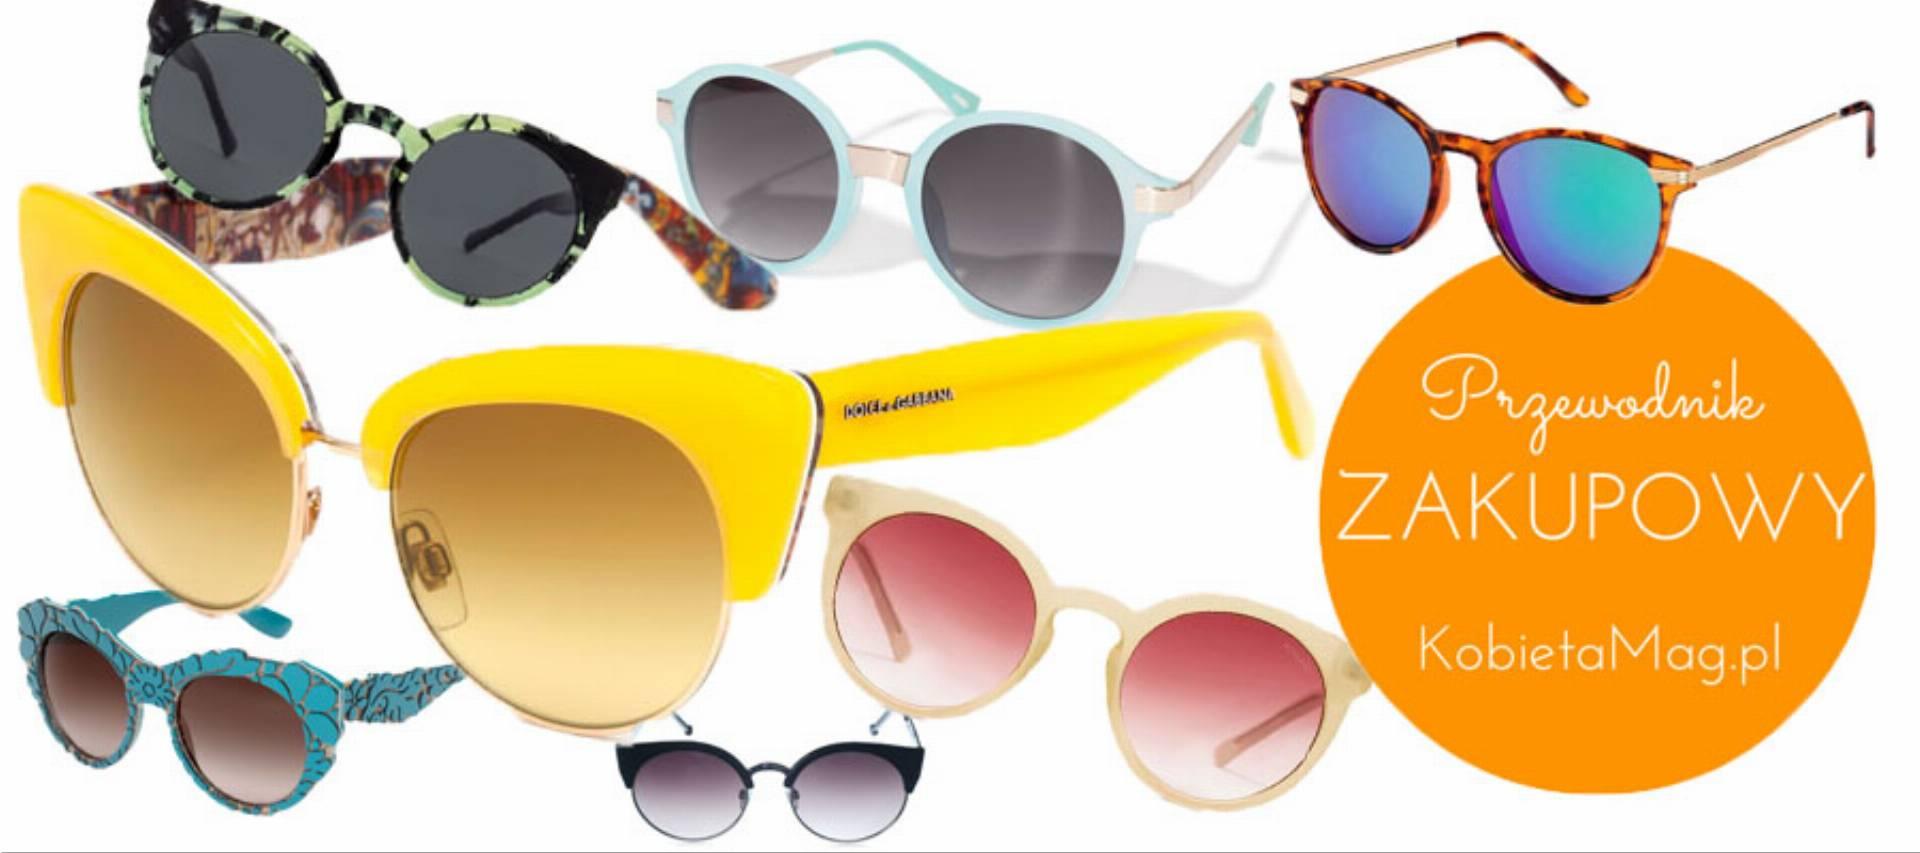 c933ae6ef4b816 Przewodnik zakupowy: Modne okulary przeciwsłoneczne na lato 2016 ...